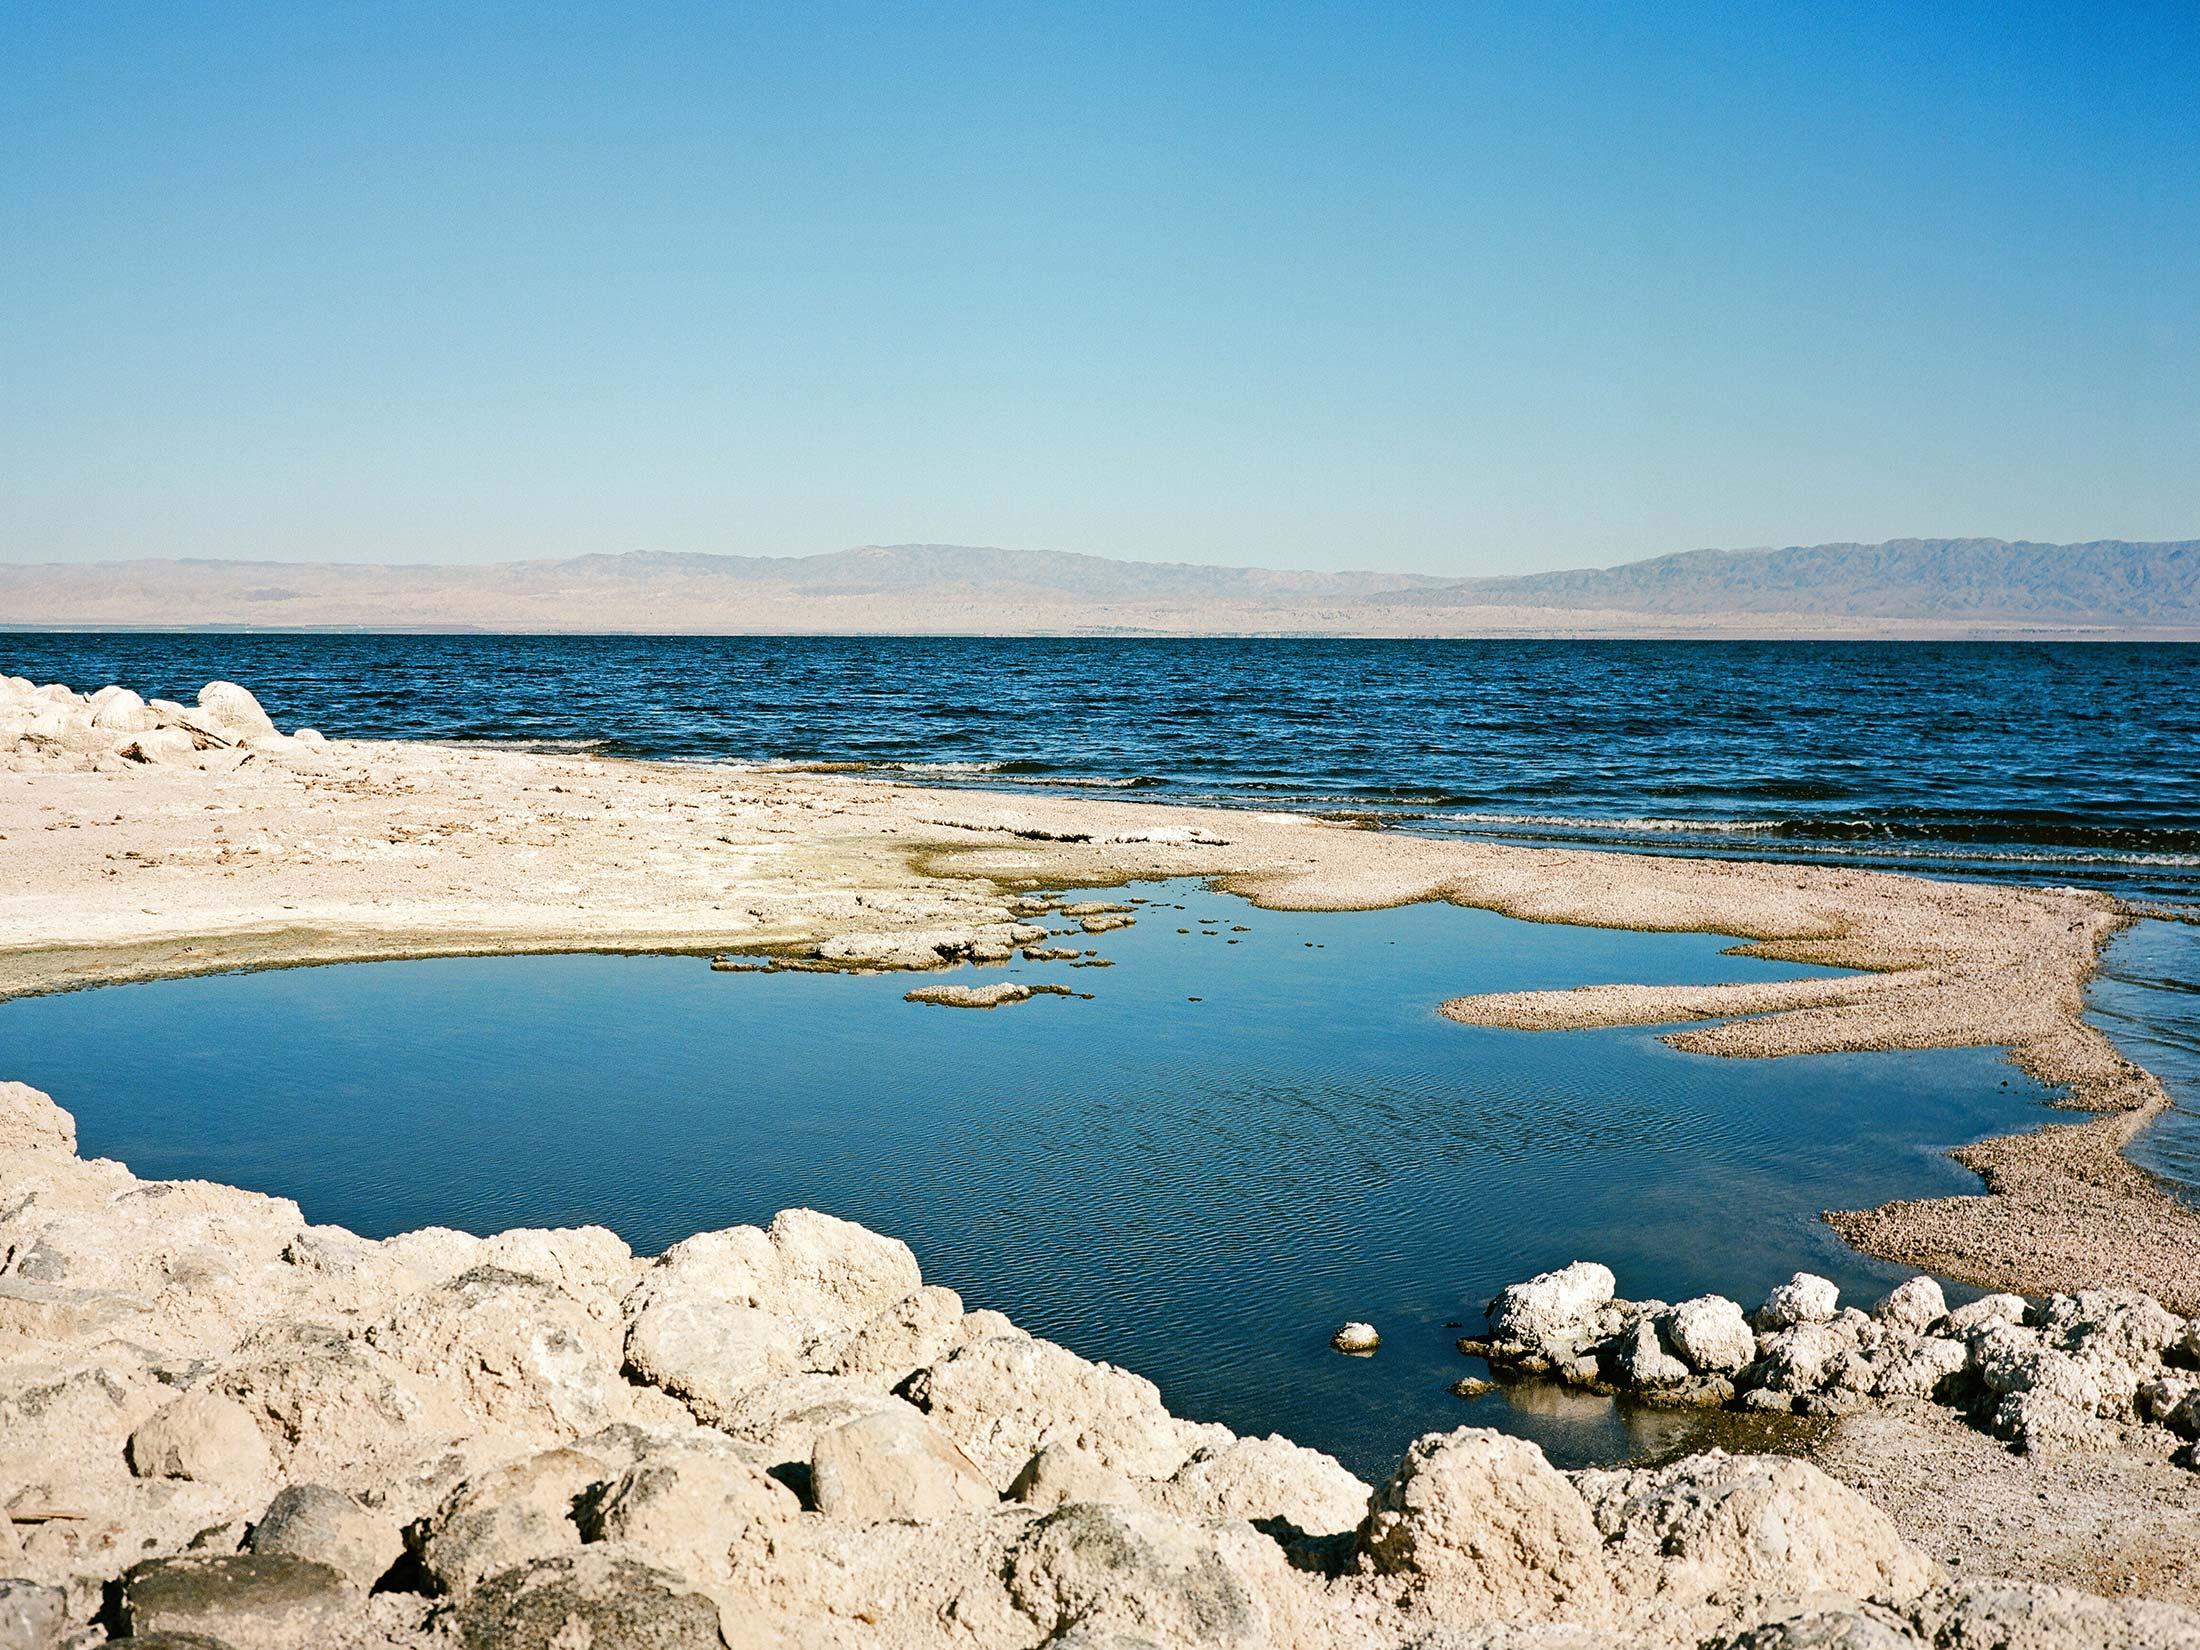 Salton_Sea_Shoreline.jpg